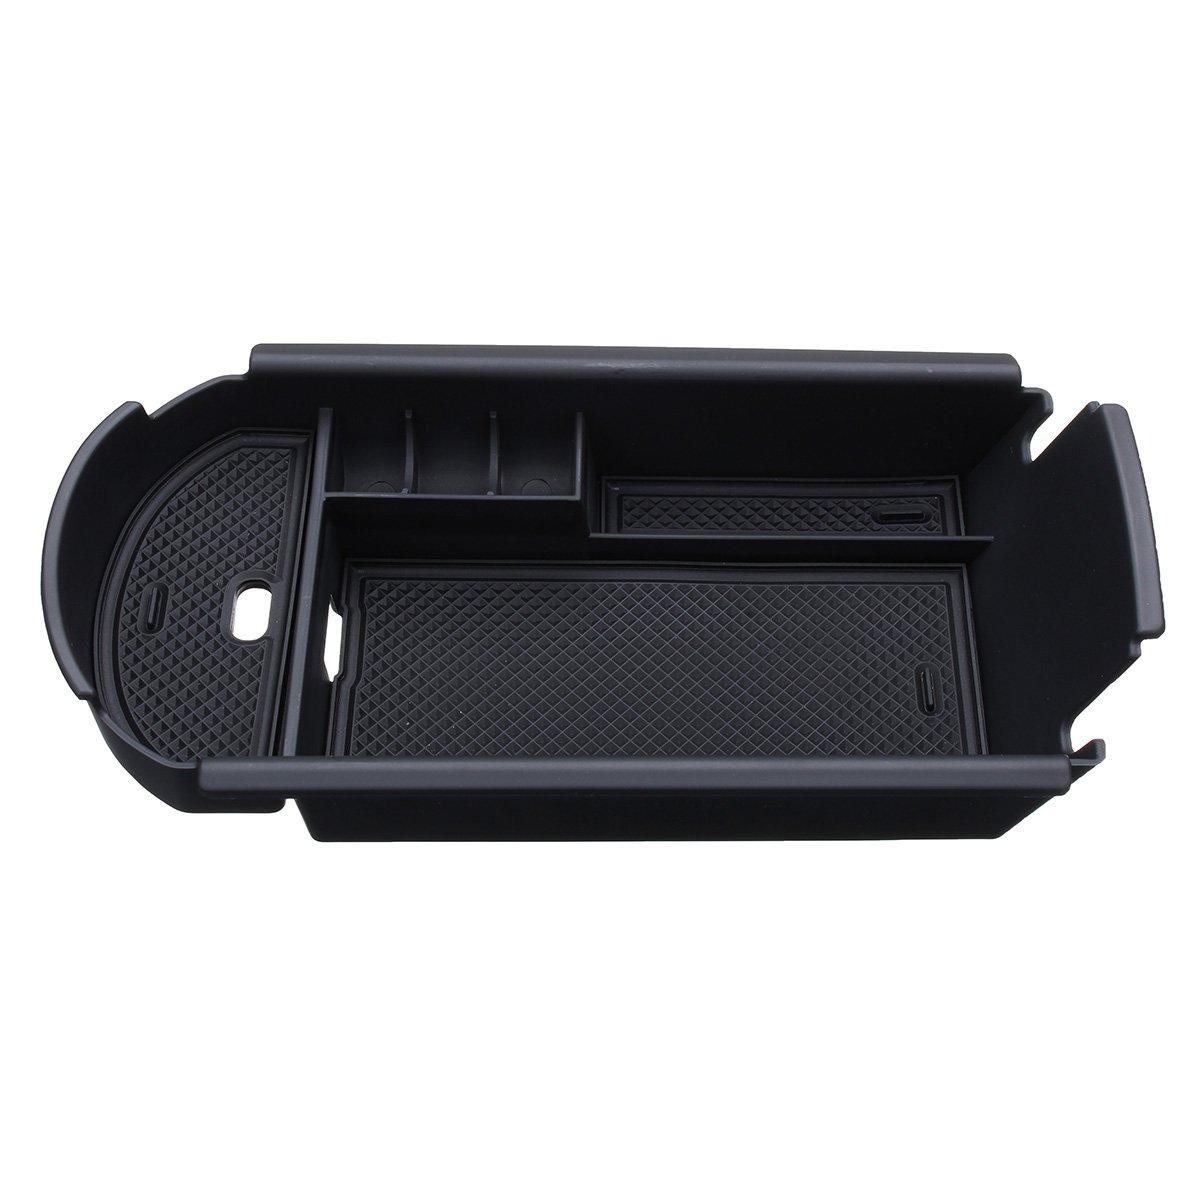 bianca Accessorio Auto,Central Console Box bracciolo su Misura vano portaoggetti Console Storage Box Inserto Vassoio